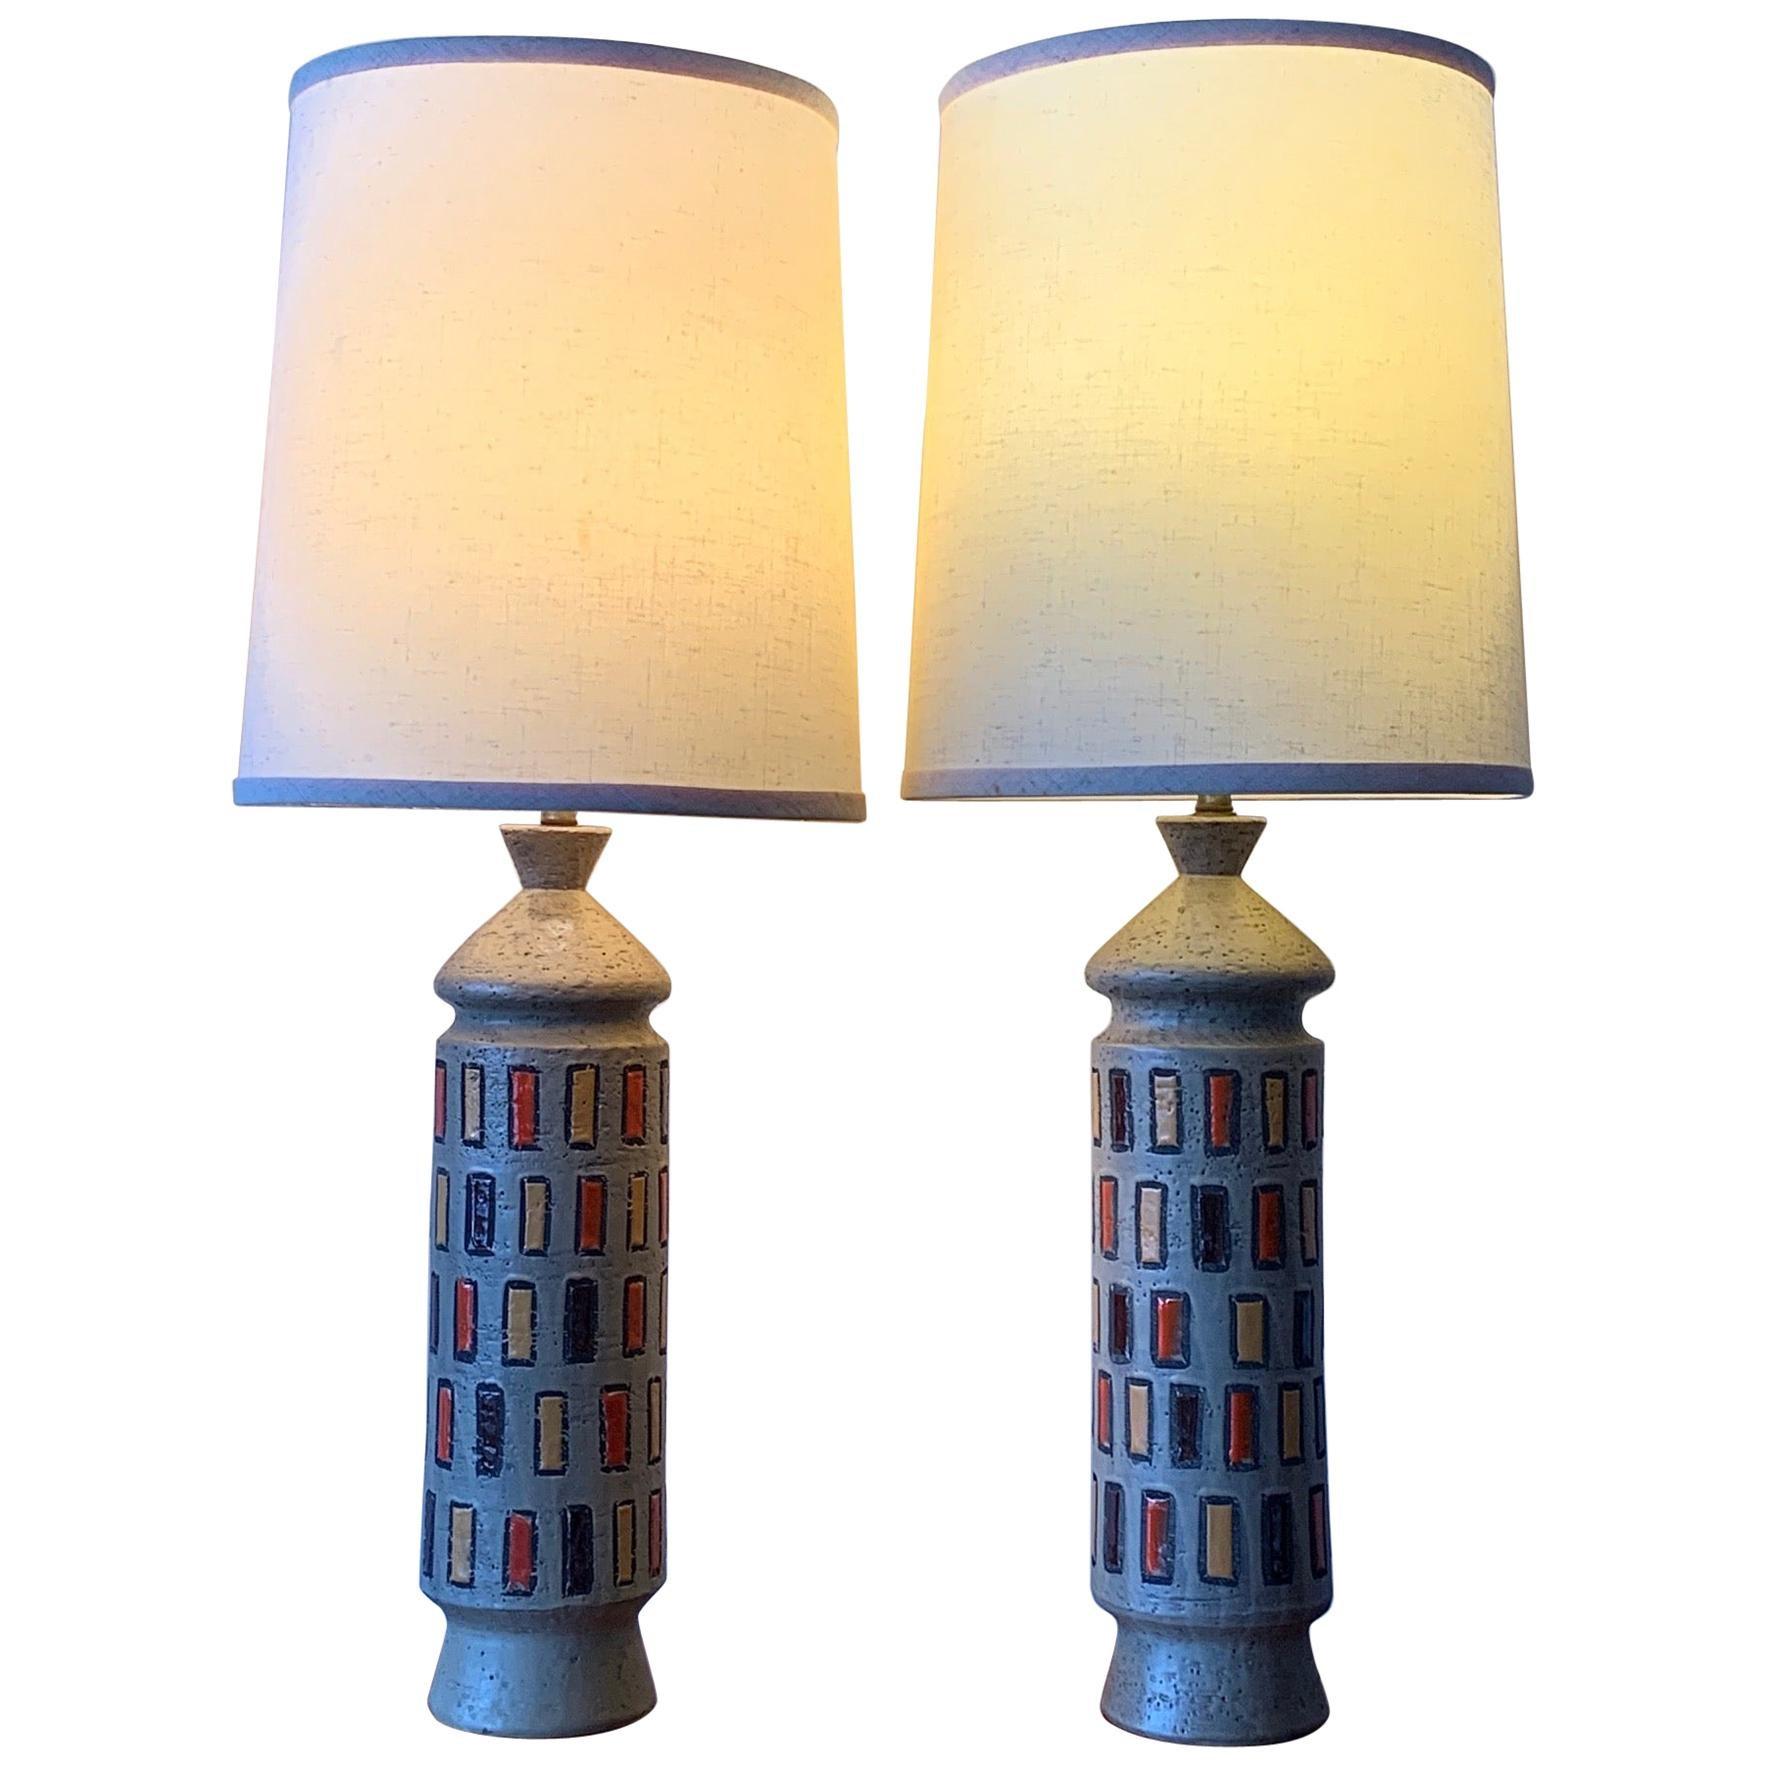 Pair of Unusual Bitossi Lamps